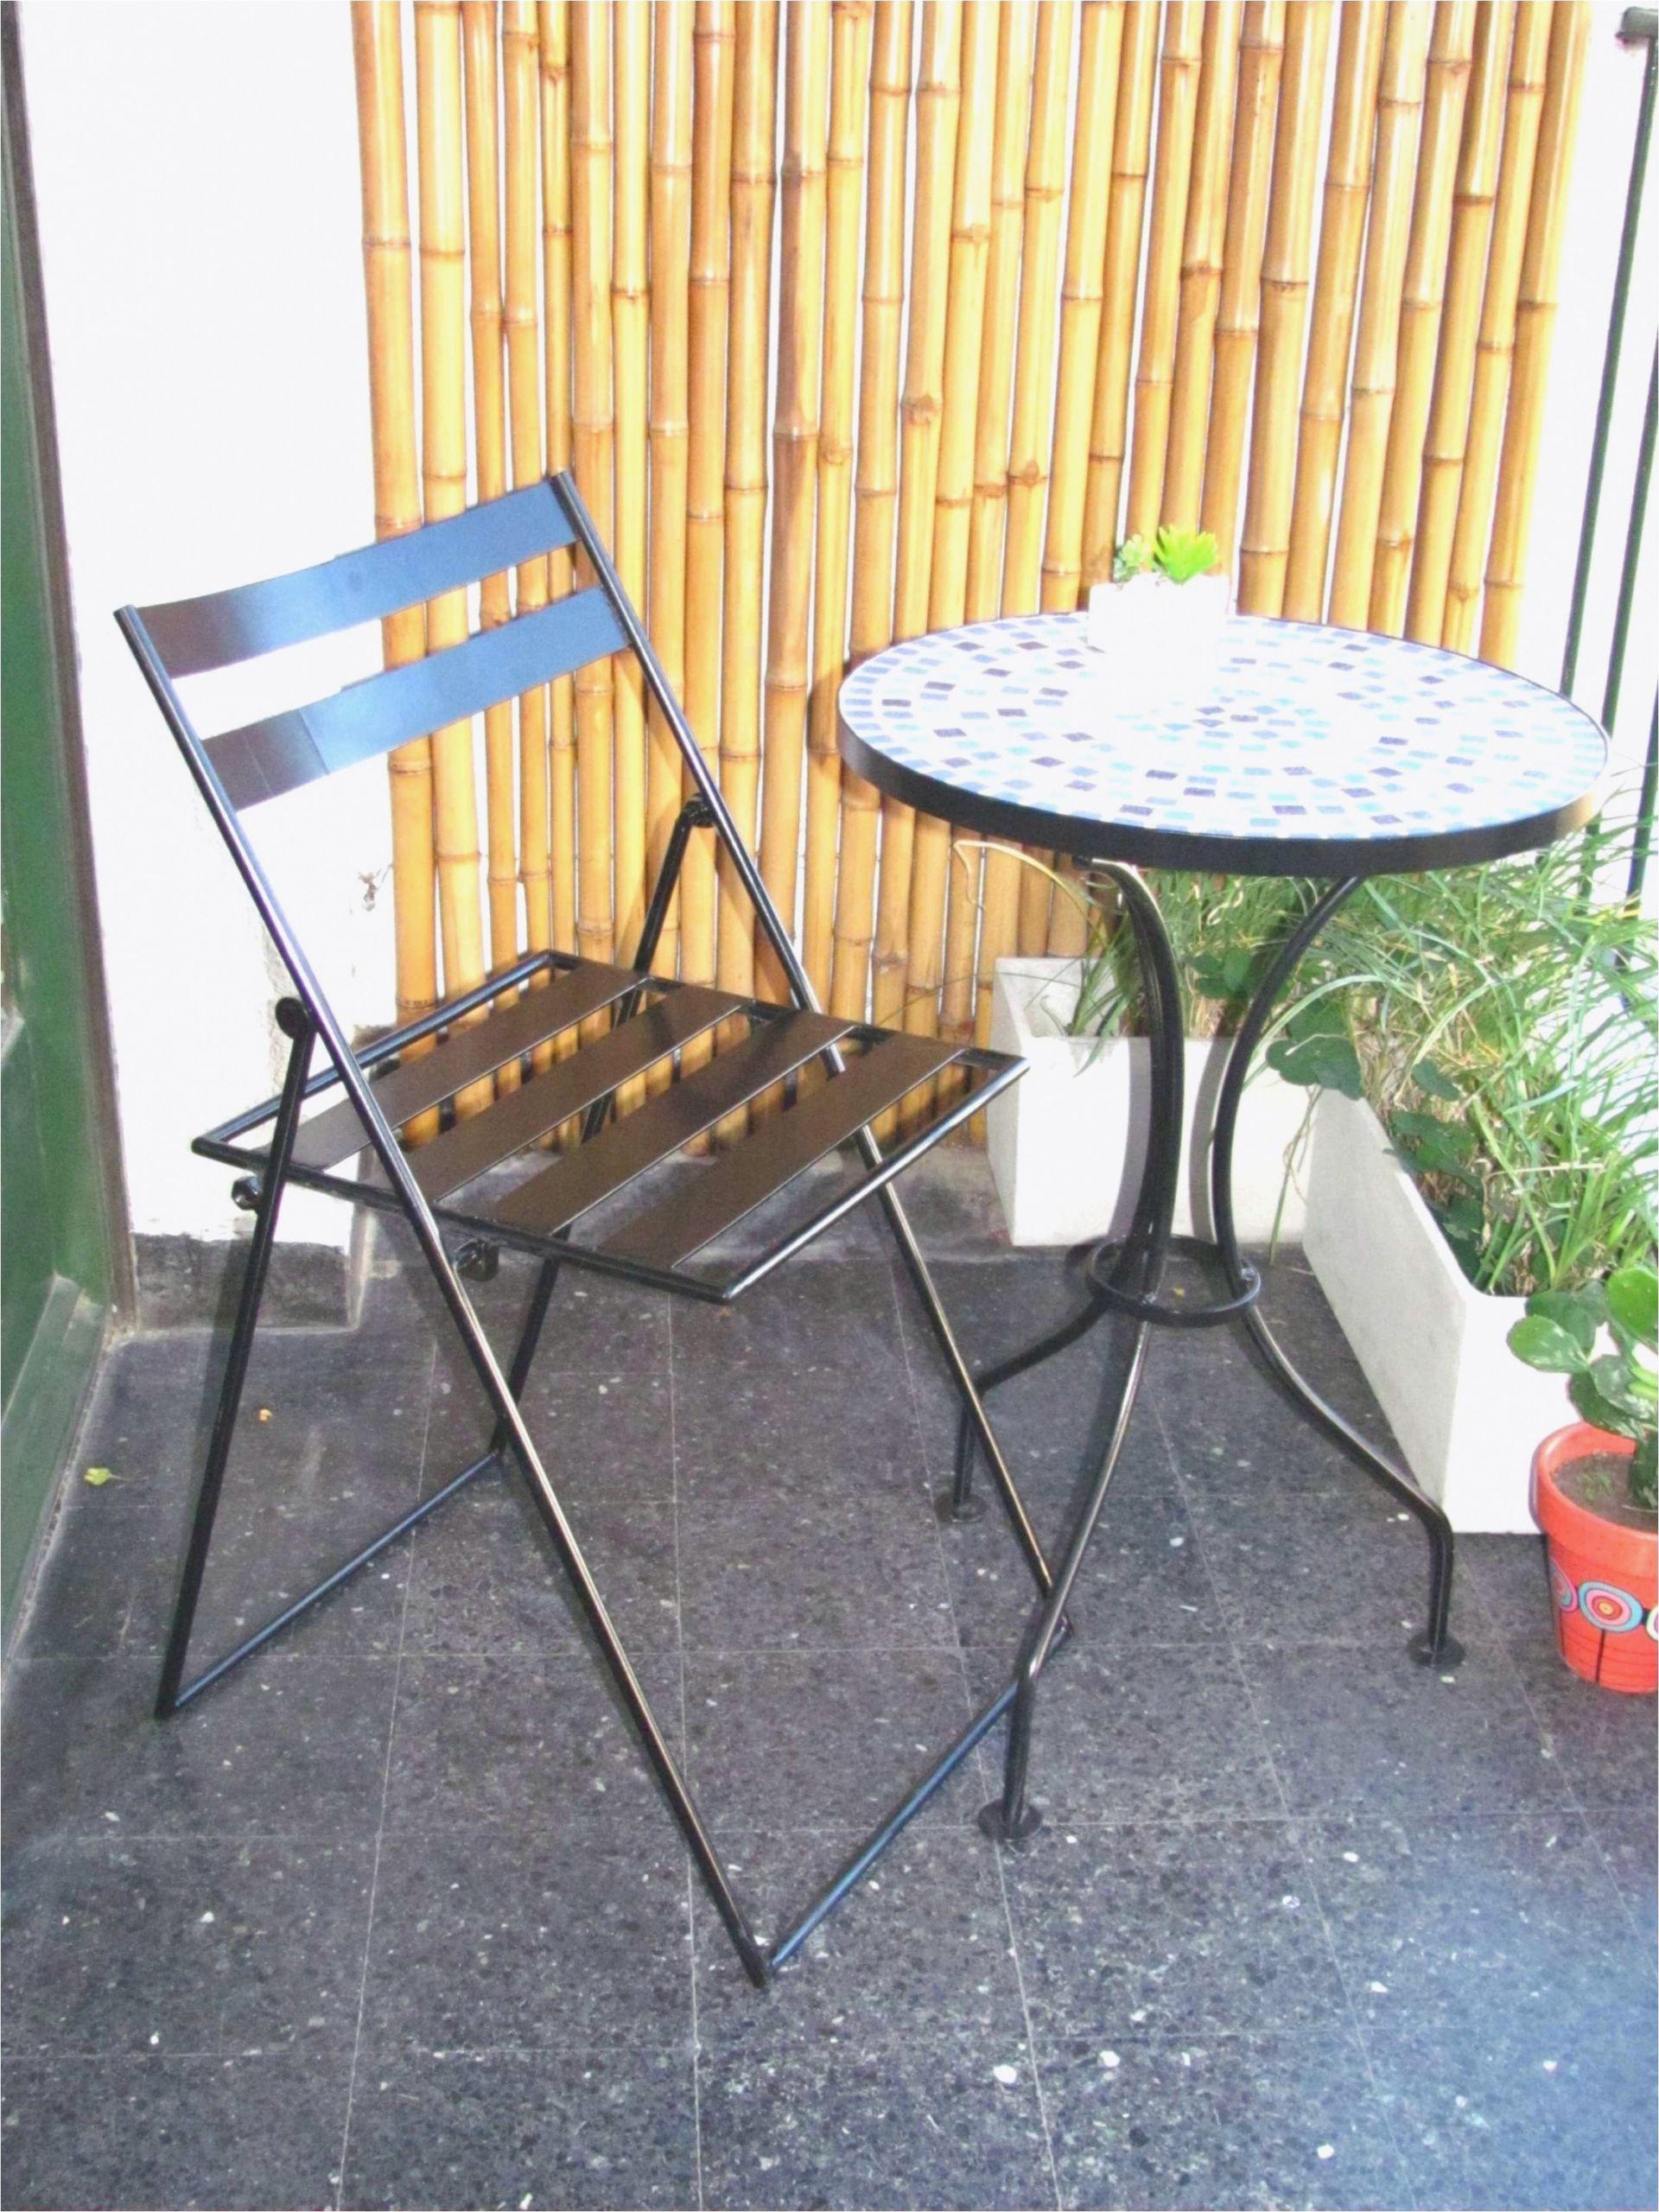 bases de vidrio para centros de mesa of mesa de terraza psicologiaymediacion pertaining to conjuntos jardin nuevo mazda premacy cp 99 01 2 0d 74kw piac2a8ce moteur luxury